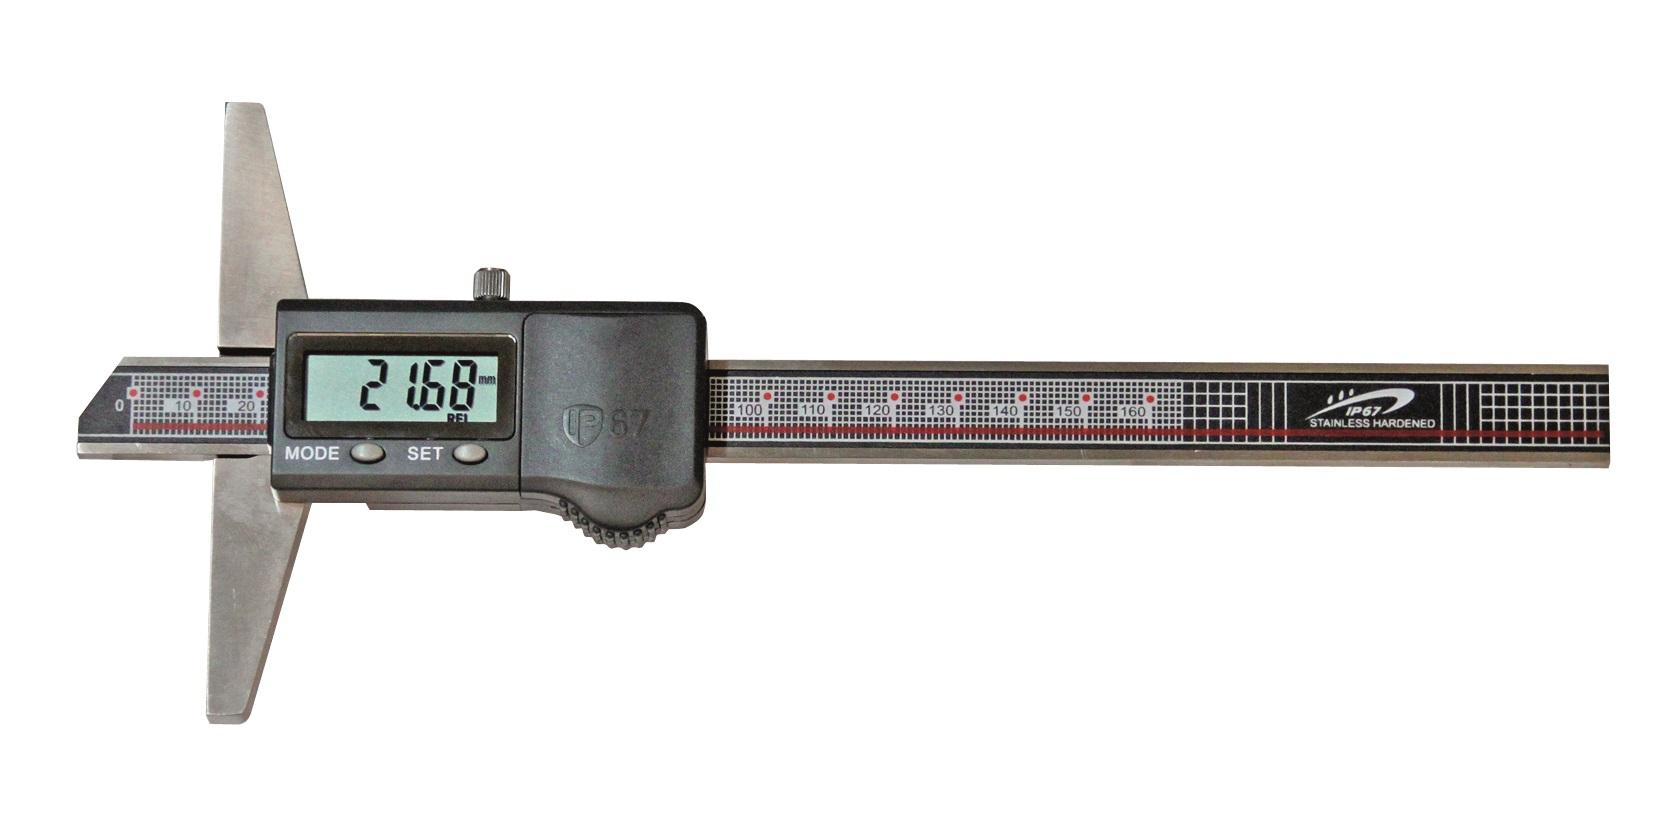 Digital-Tiefen-Messschieber - IP67 Schutz